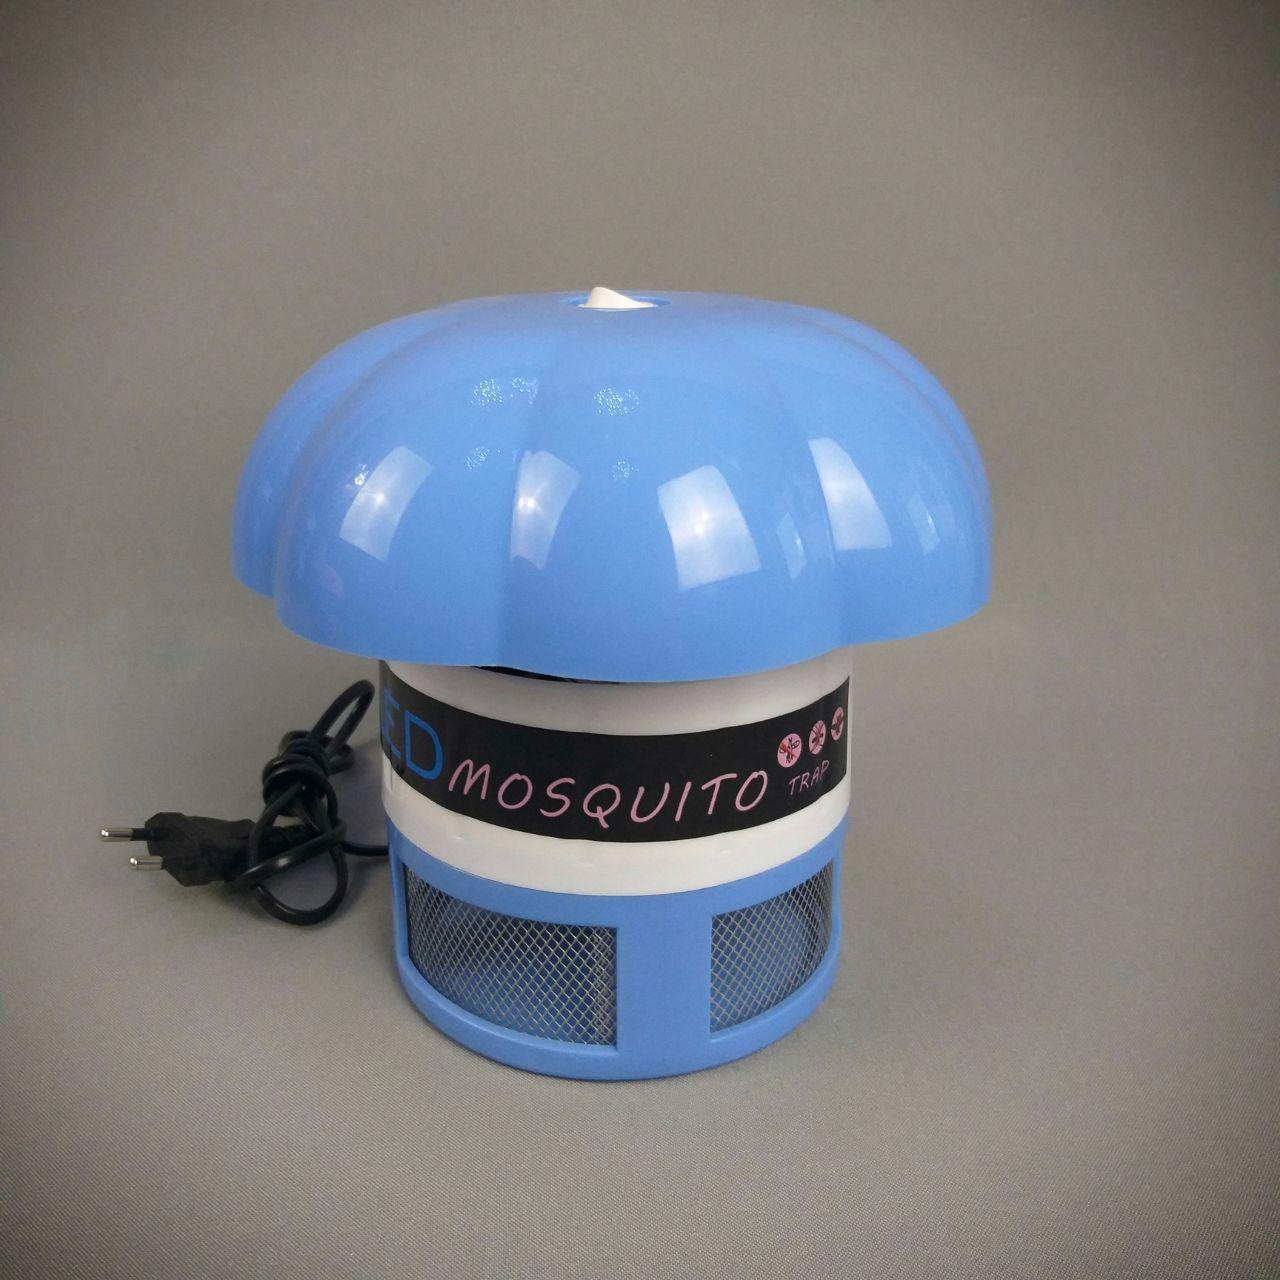 Ловушка для насекомых с вентилятором и подсветкой в голубом цвете для мальчика грибочек